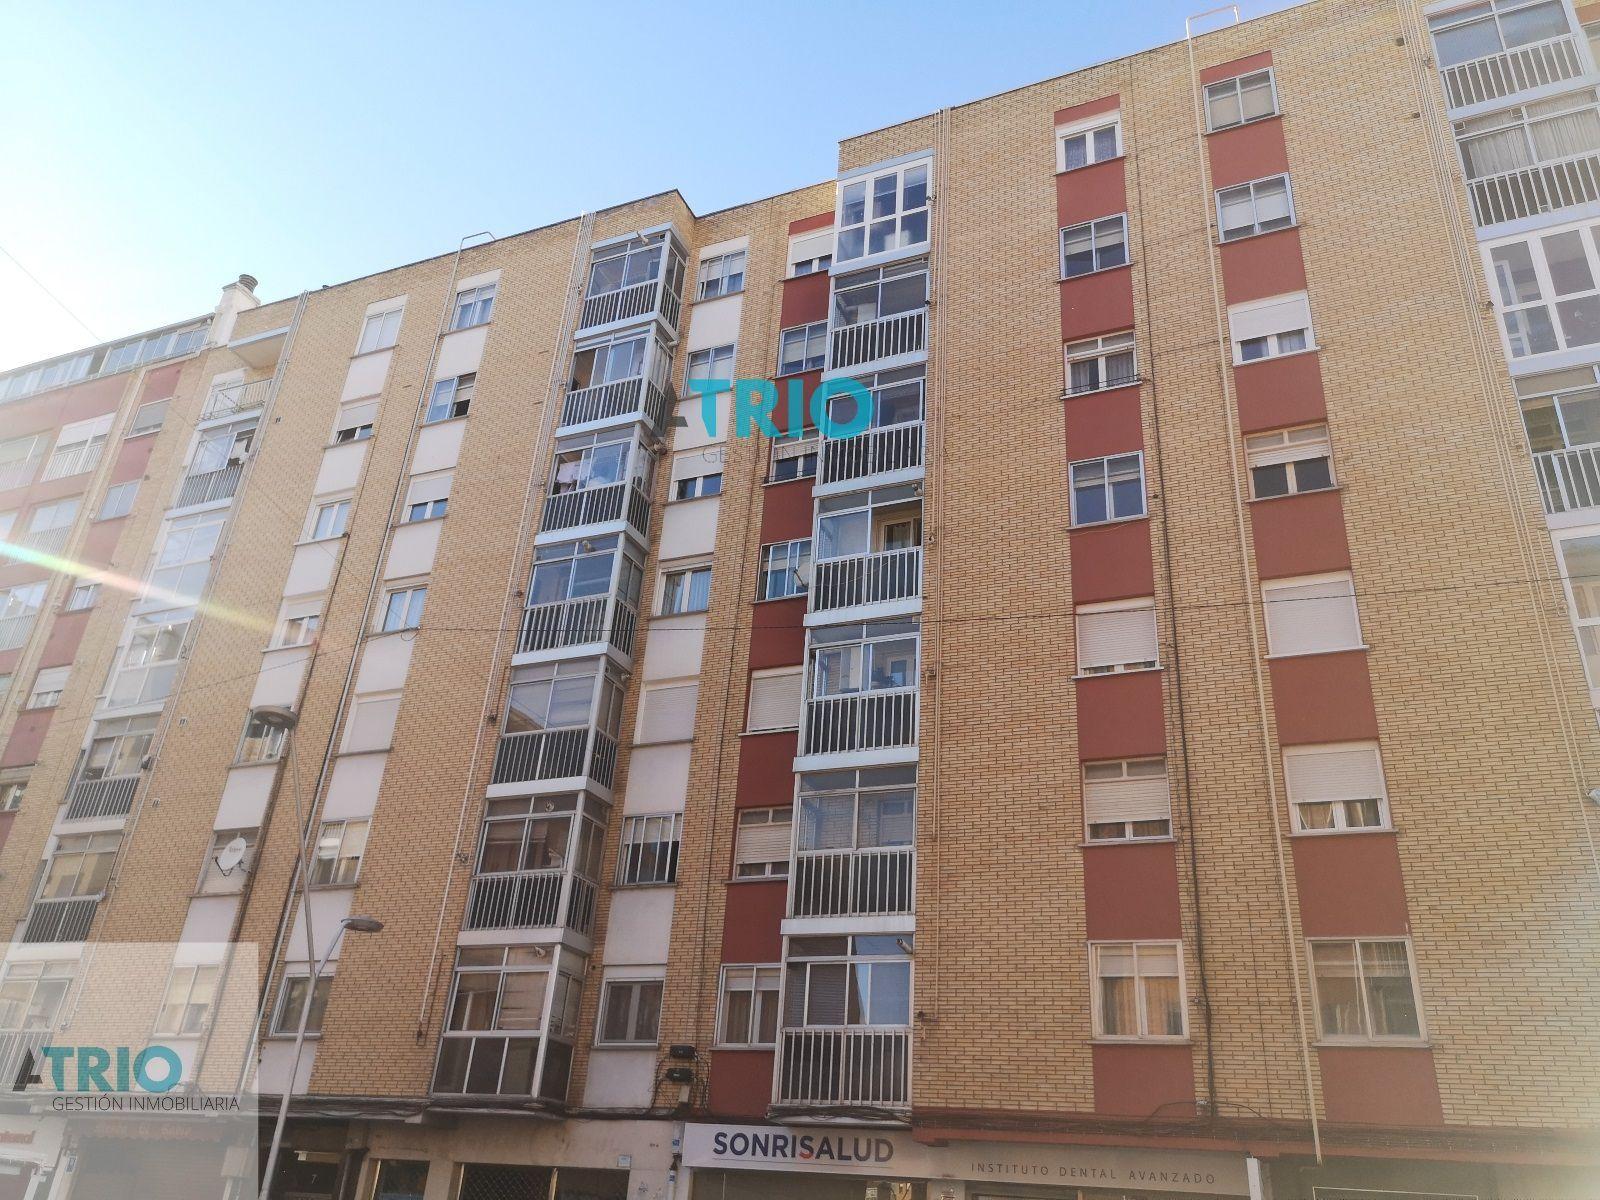 dia.mobiliagestion.es/Portals/inmoatrio/Images/7860/7497802